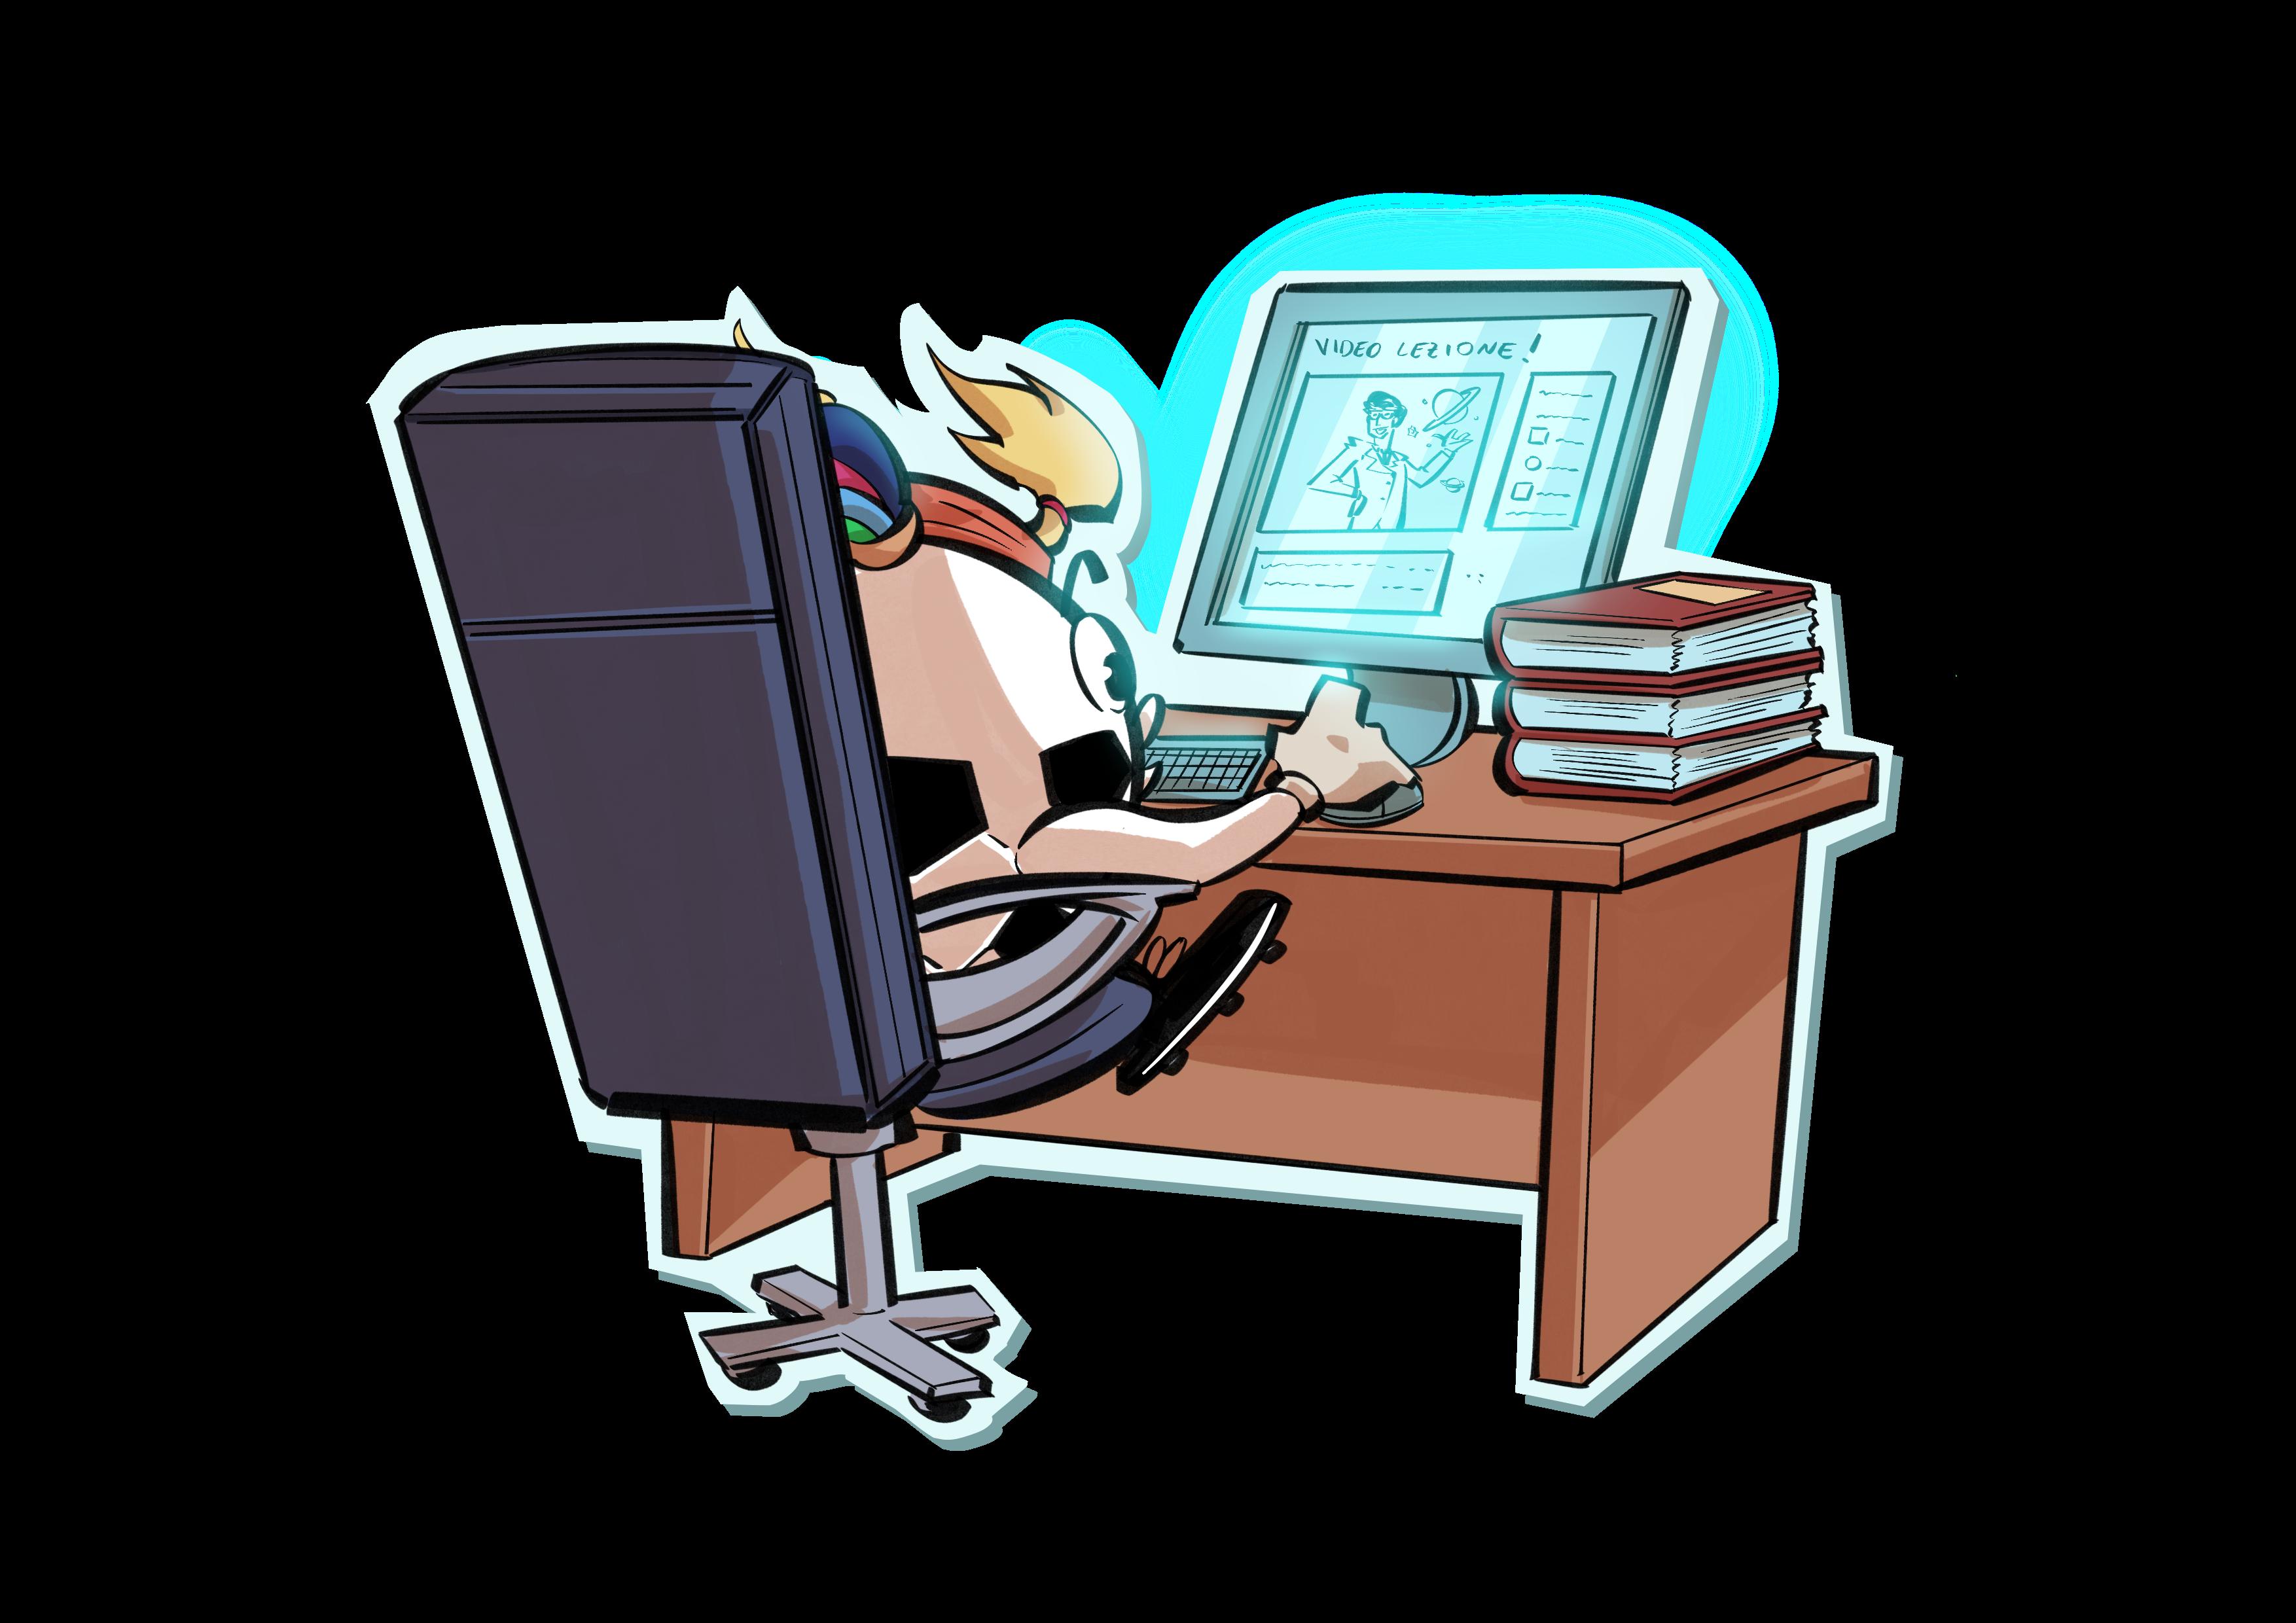 illustrazione con panola seduta al computer che invia un messaggio